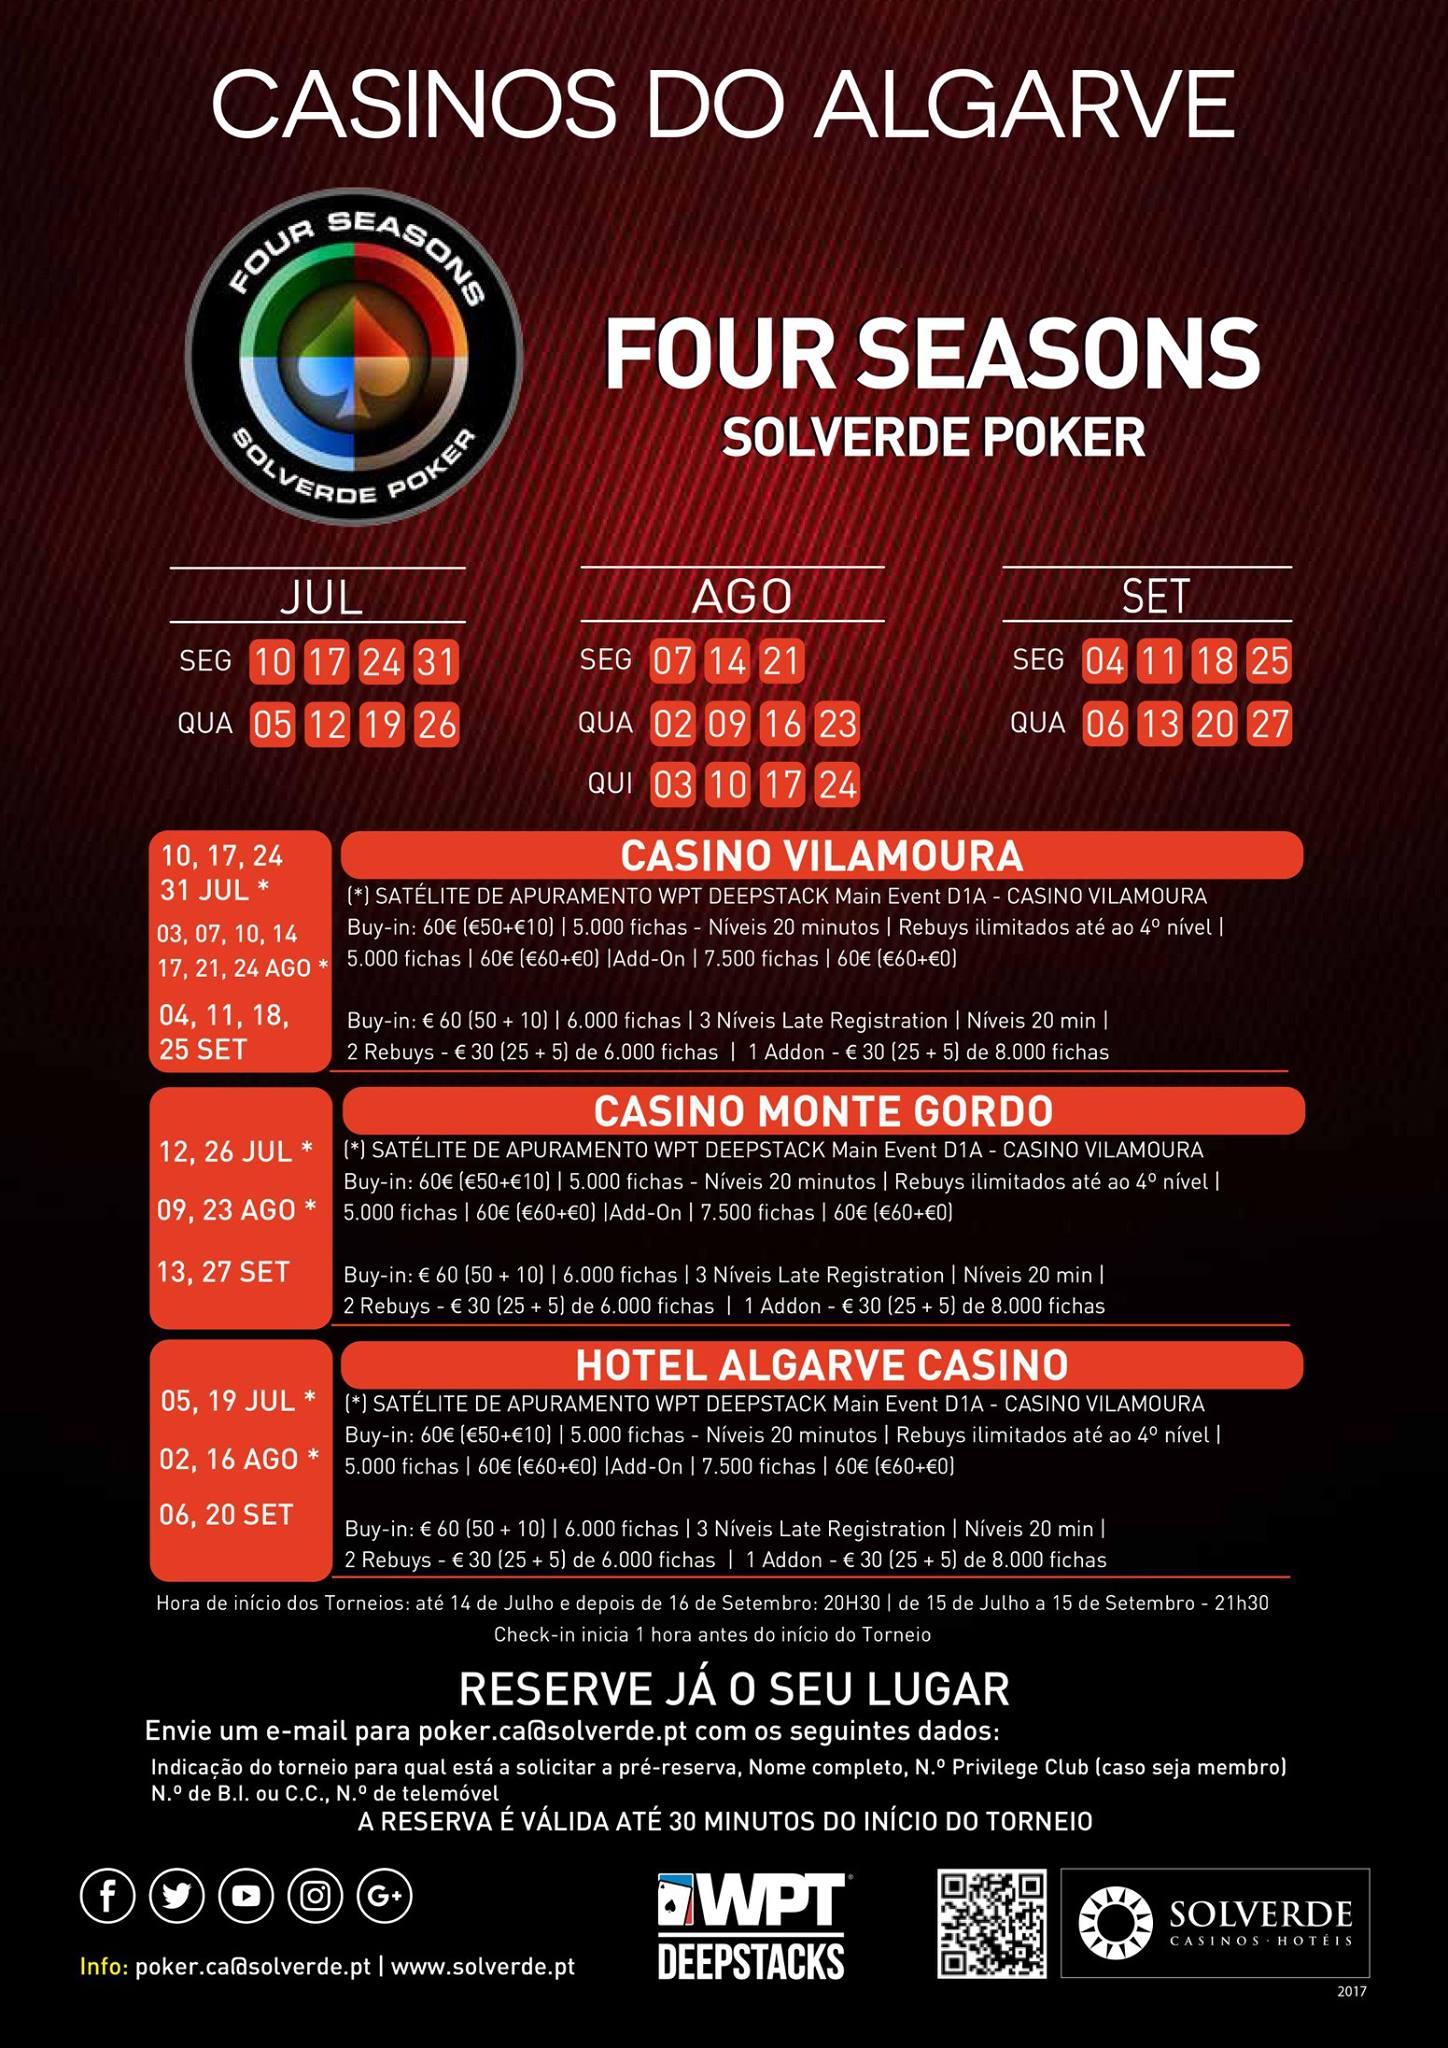 Arranca Hoje o Four Seasons Solverde Poker Verão no Algarve 101